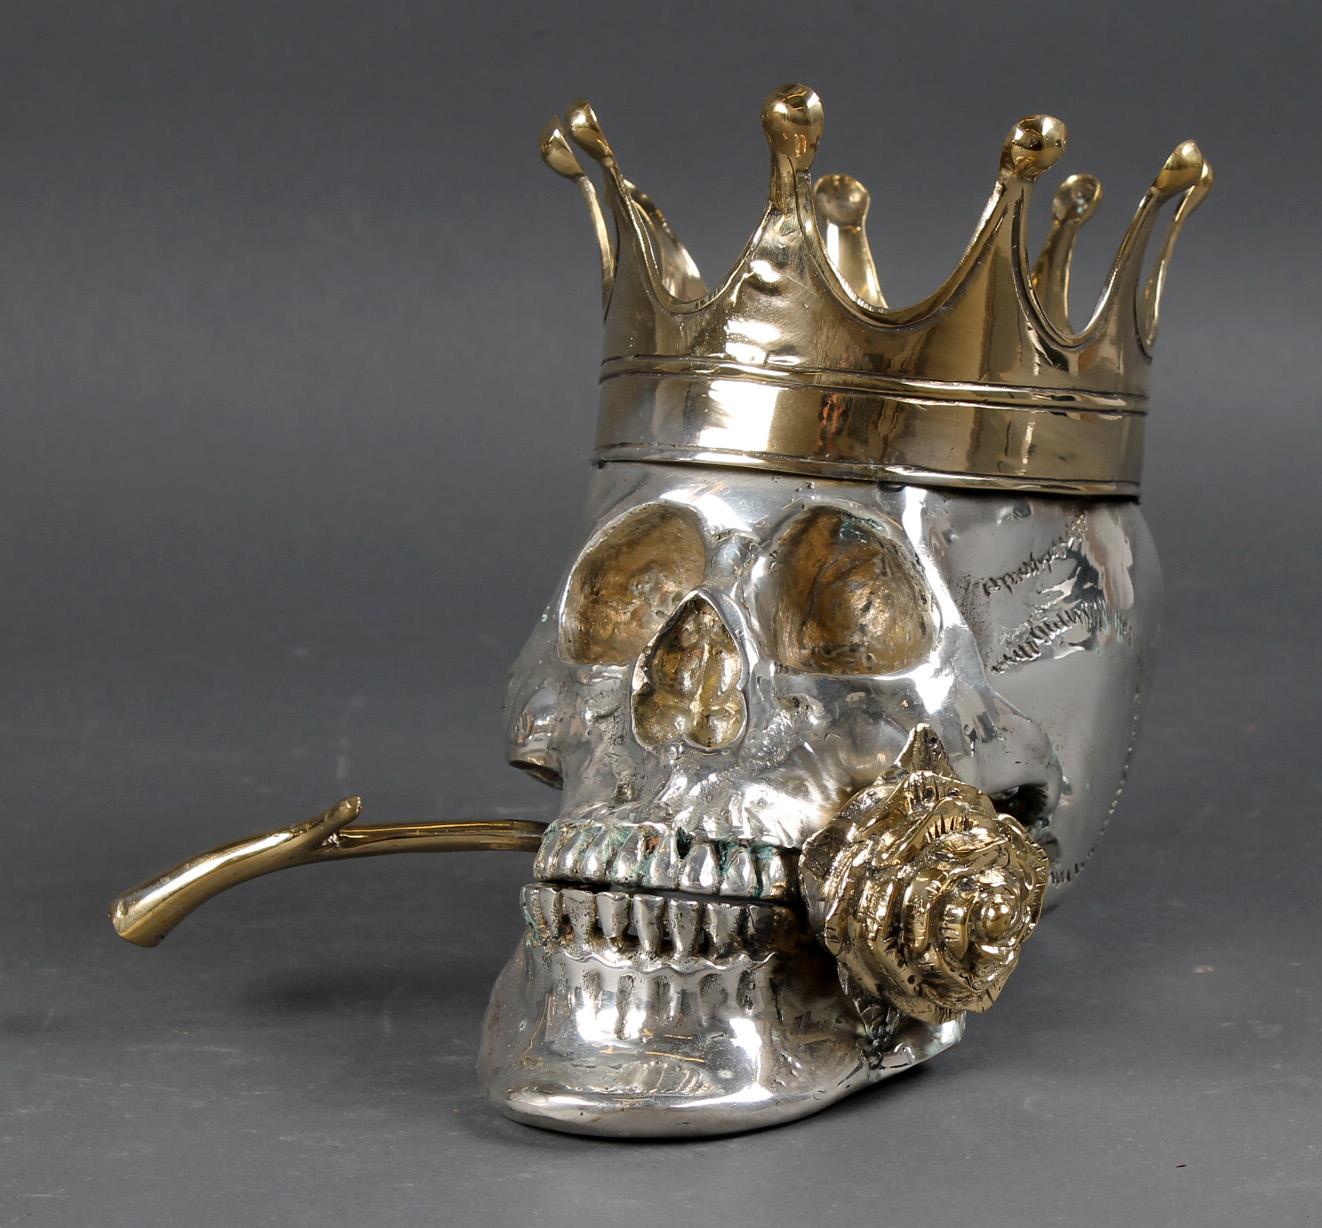 Kranie med krone samt rose i munden - Kranie af bronze samt forsølvet bronze, dekoreret med krone samt rose i munden. H. ca. 22 L. ca. 28 B. ca. 22 cm